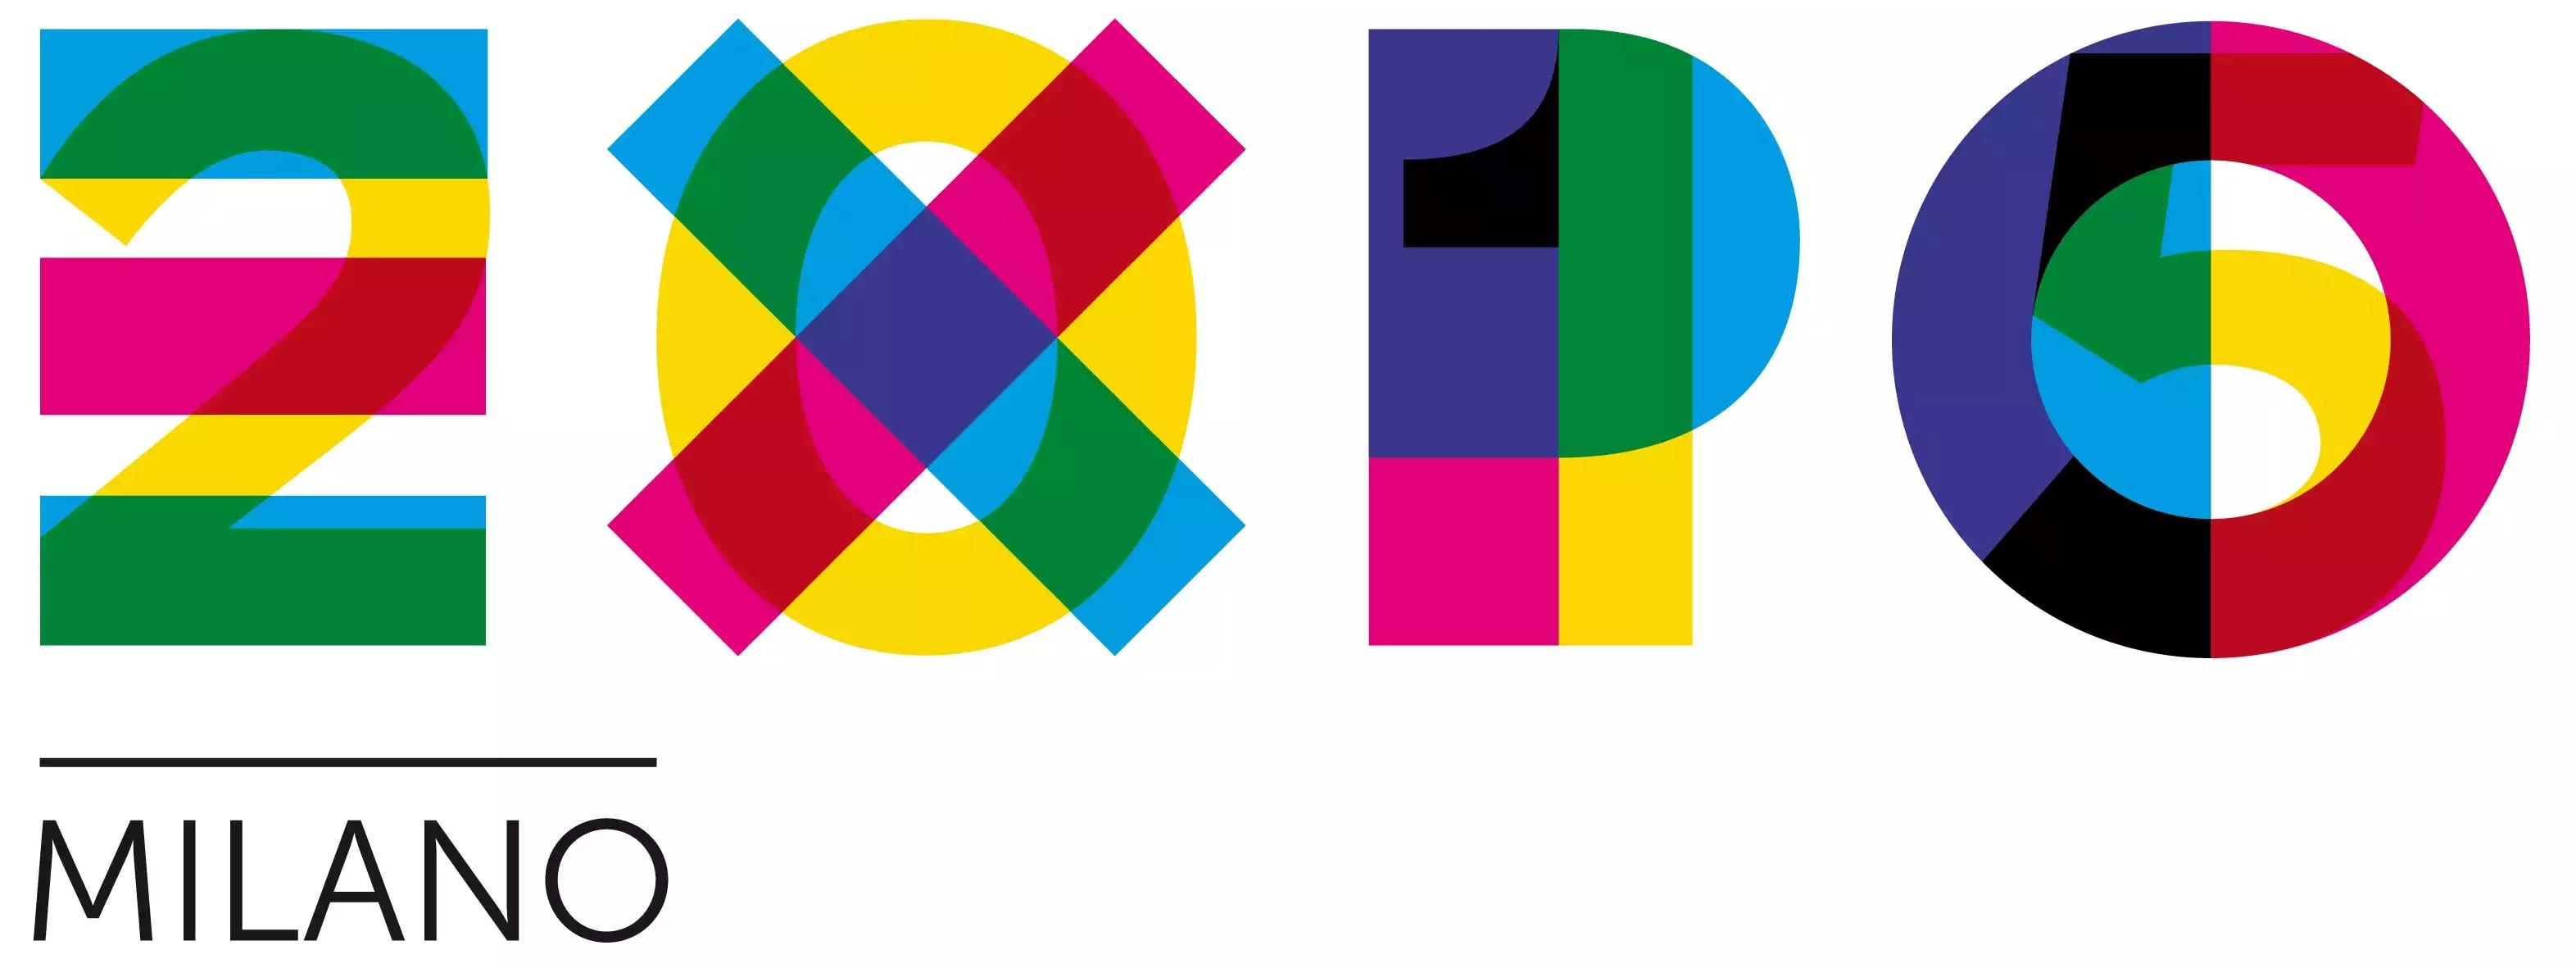 Milano verso l'Expo 2015: girare in carrozzina elettrica è un'avventura